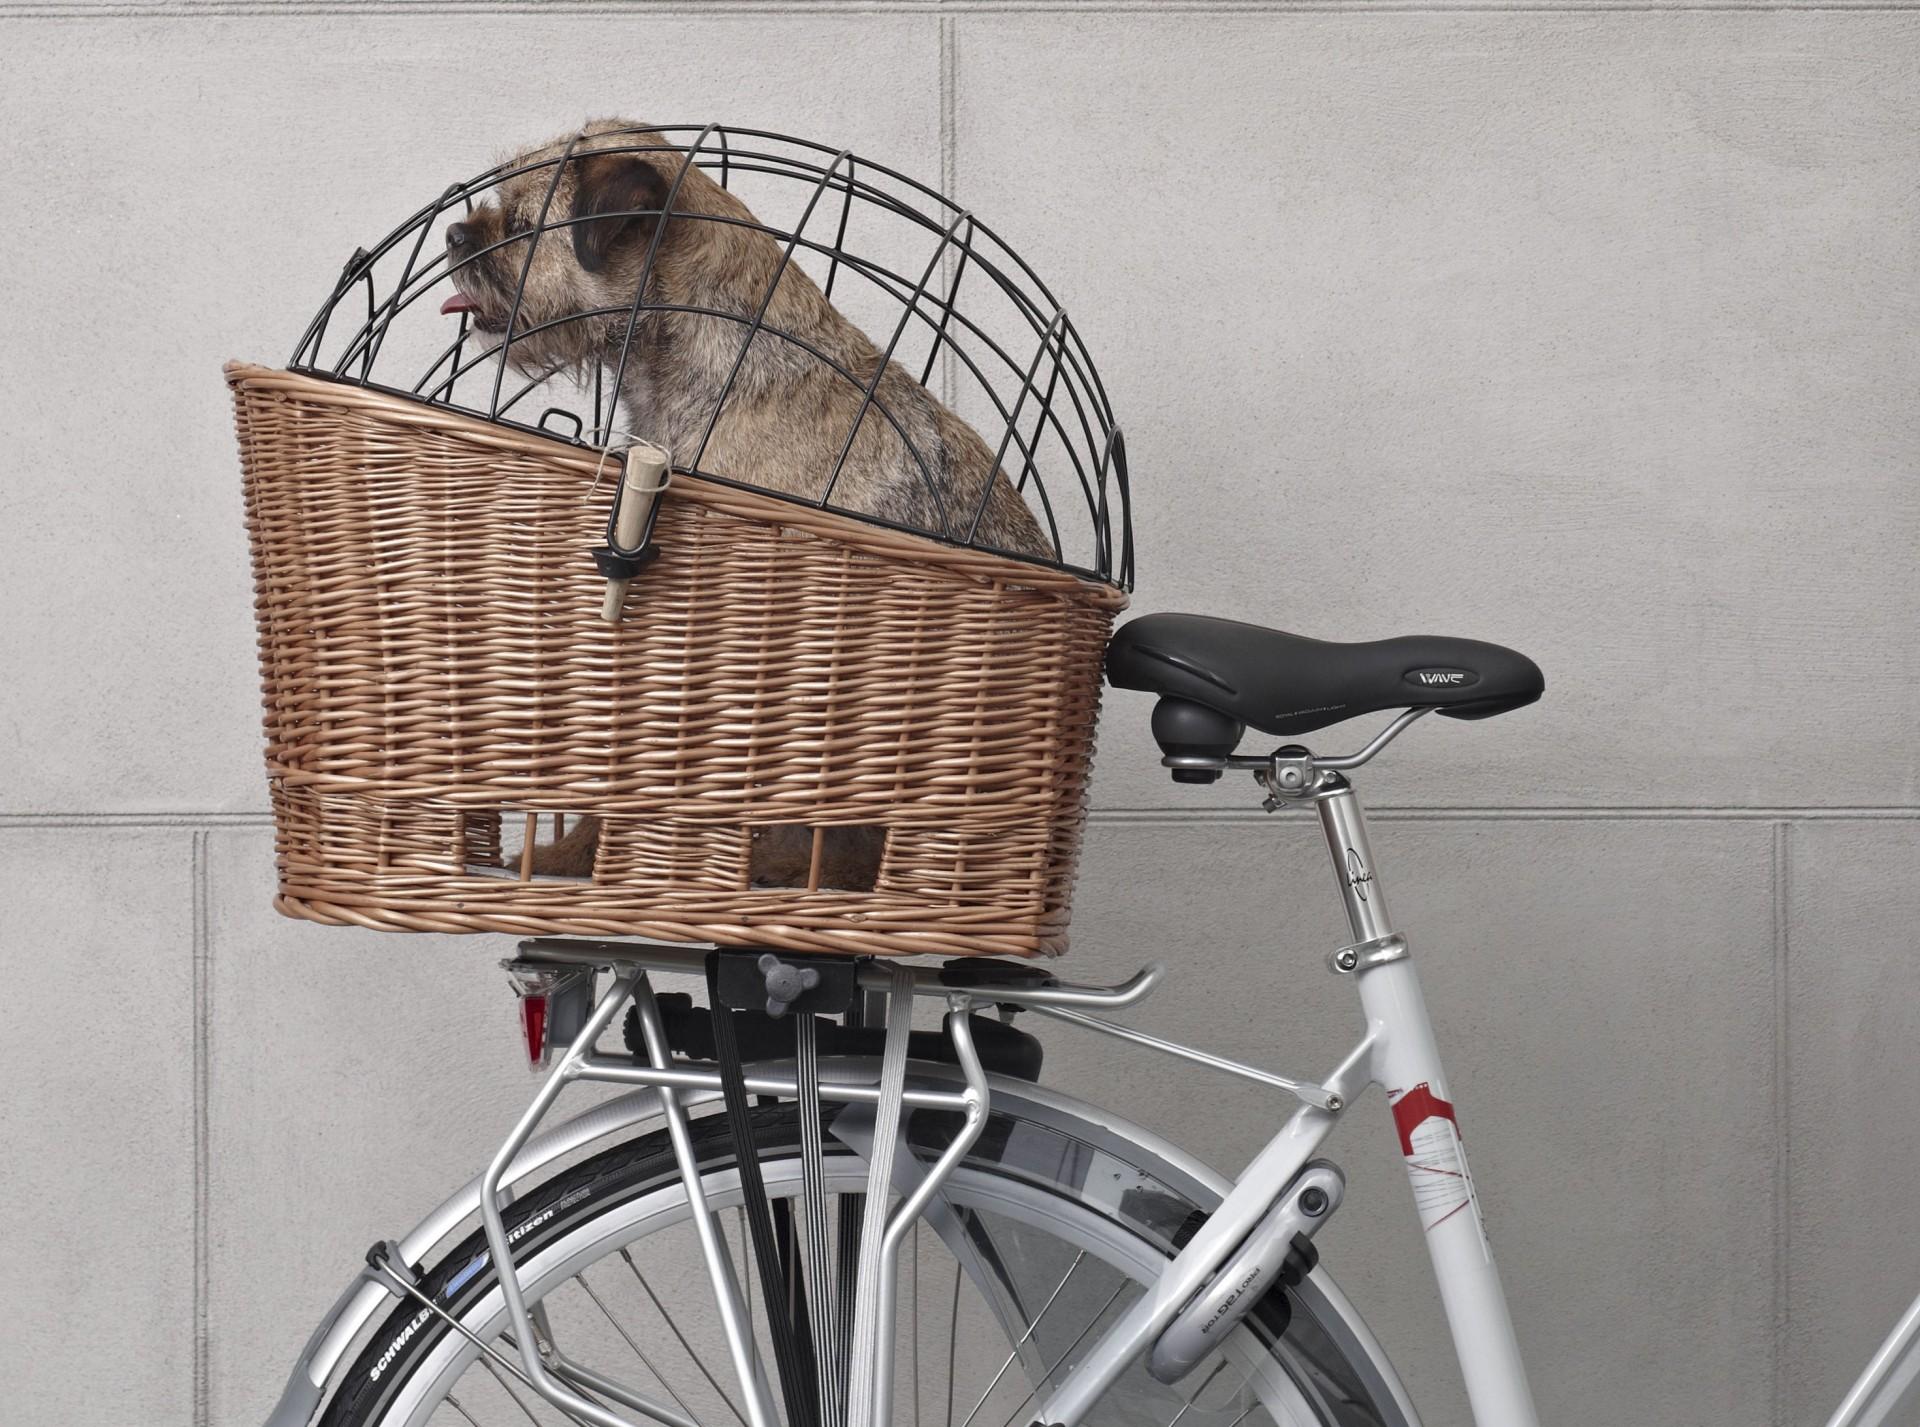 Cesto BASIL Pasja - cesto para transporte de animais